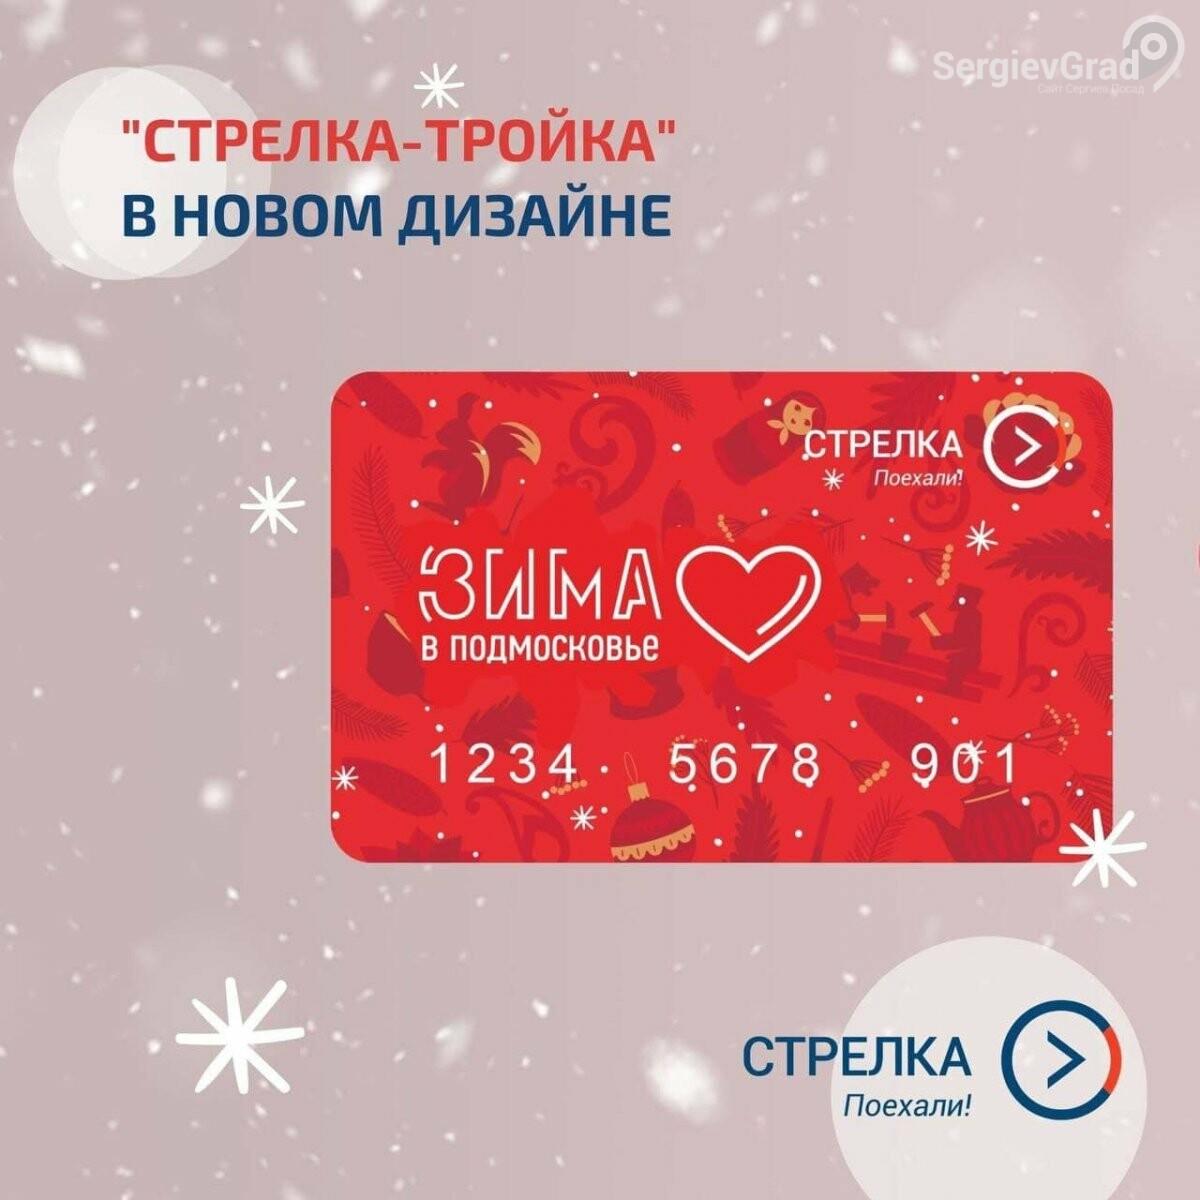 Лимитированная серия зимних карт «Стрелка-Тройка» поступила в продажу в Сергиевом Посаде